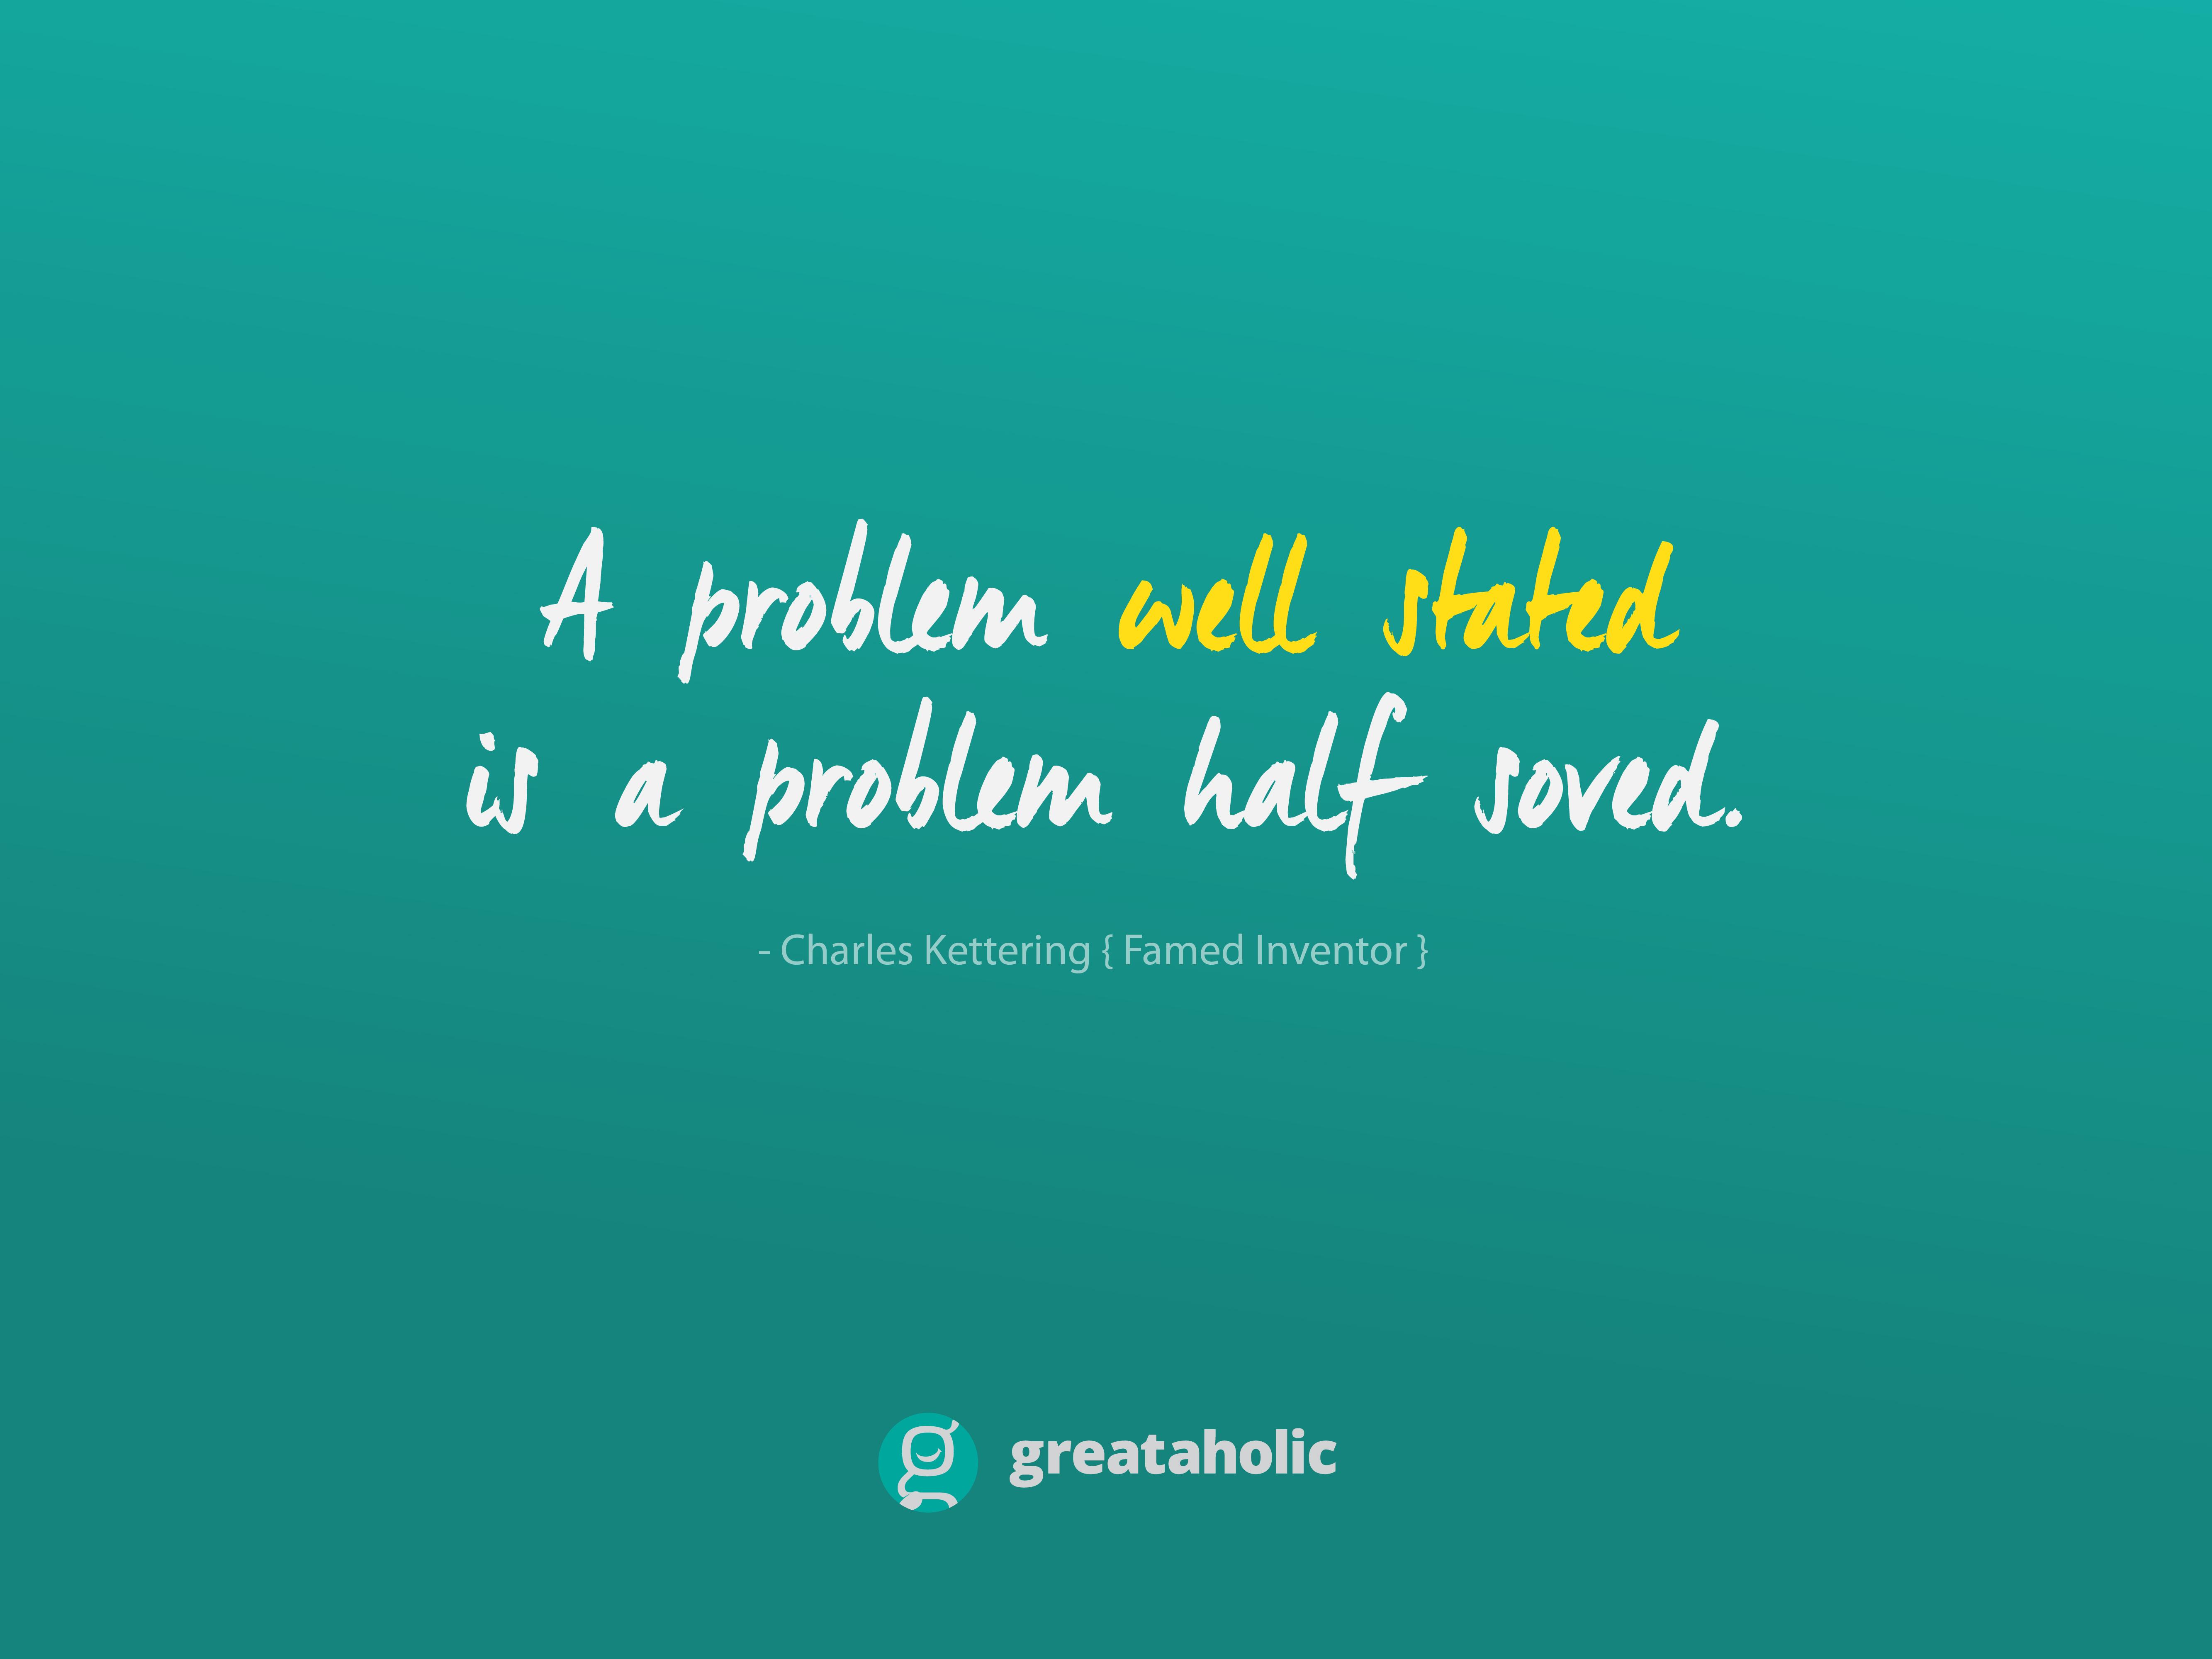 Greataholic Quote 2